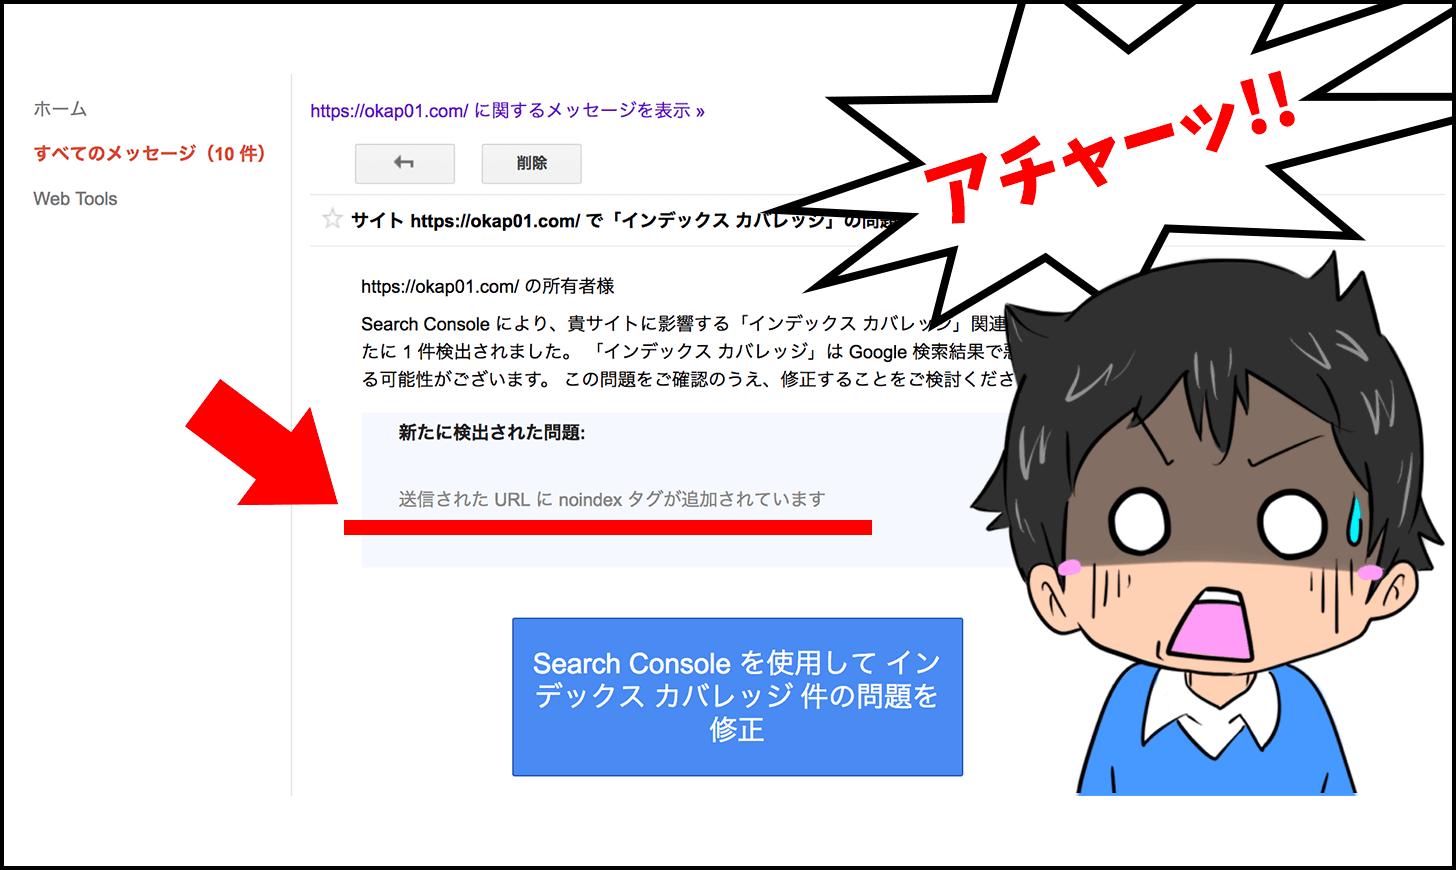 noindex エラー Search Console